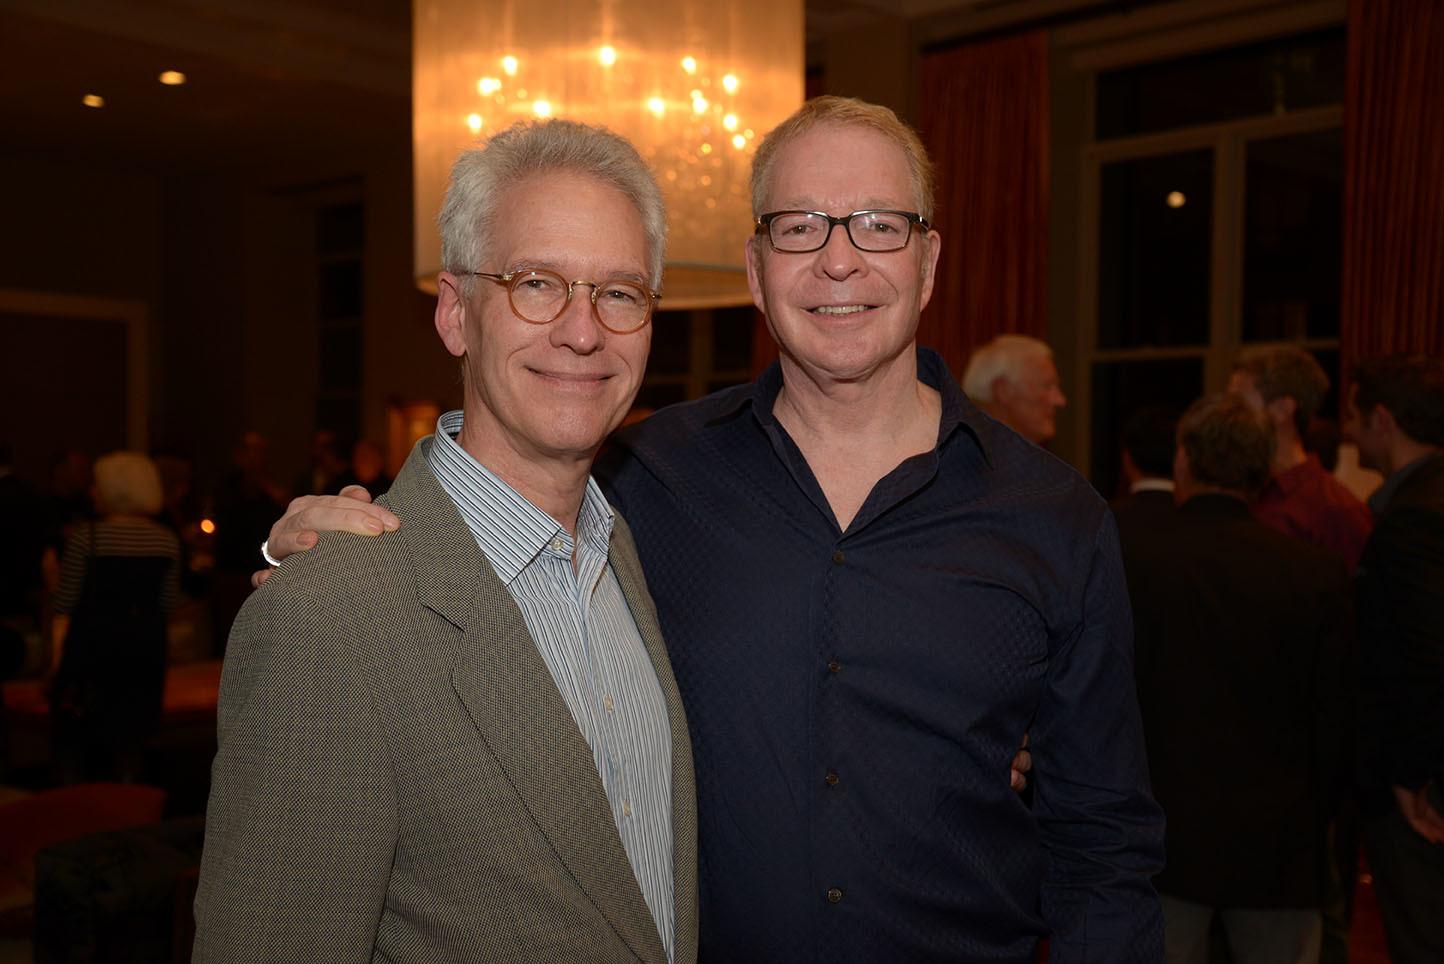 Kris Heinzelman, Neil Westreich